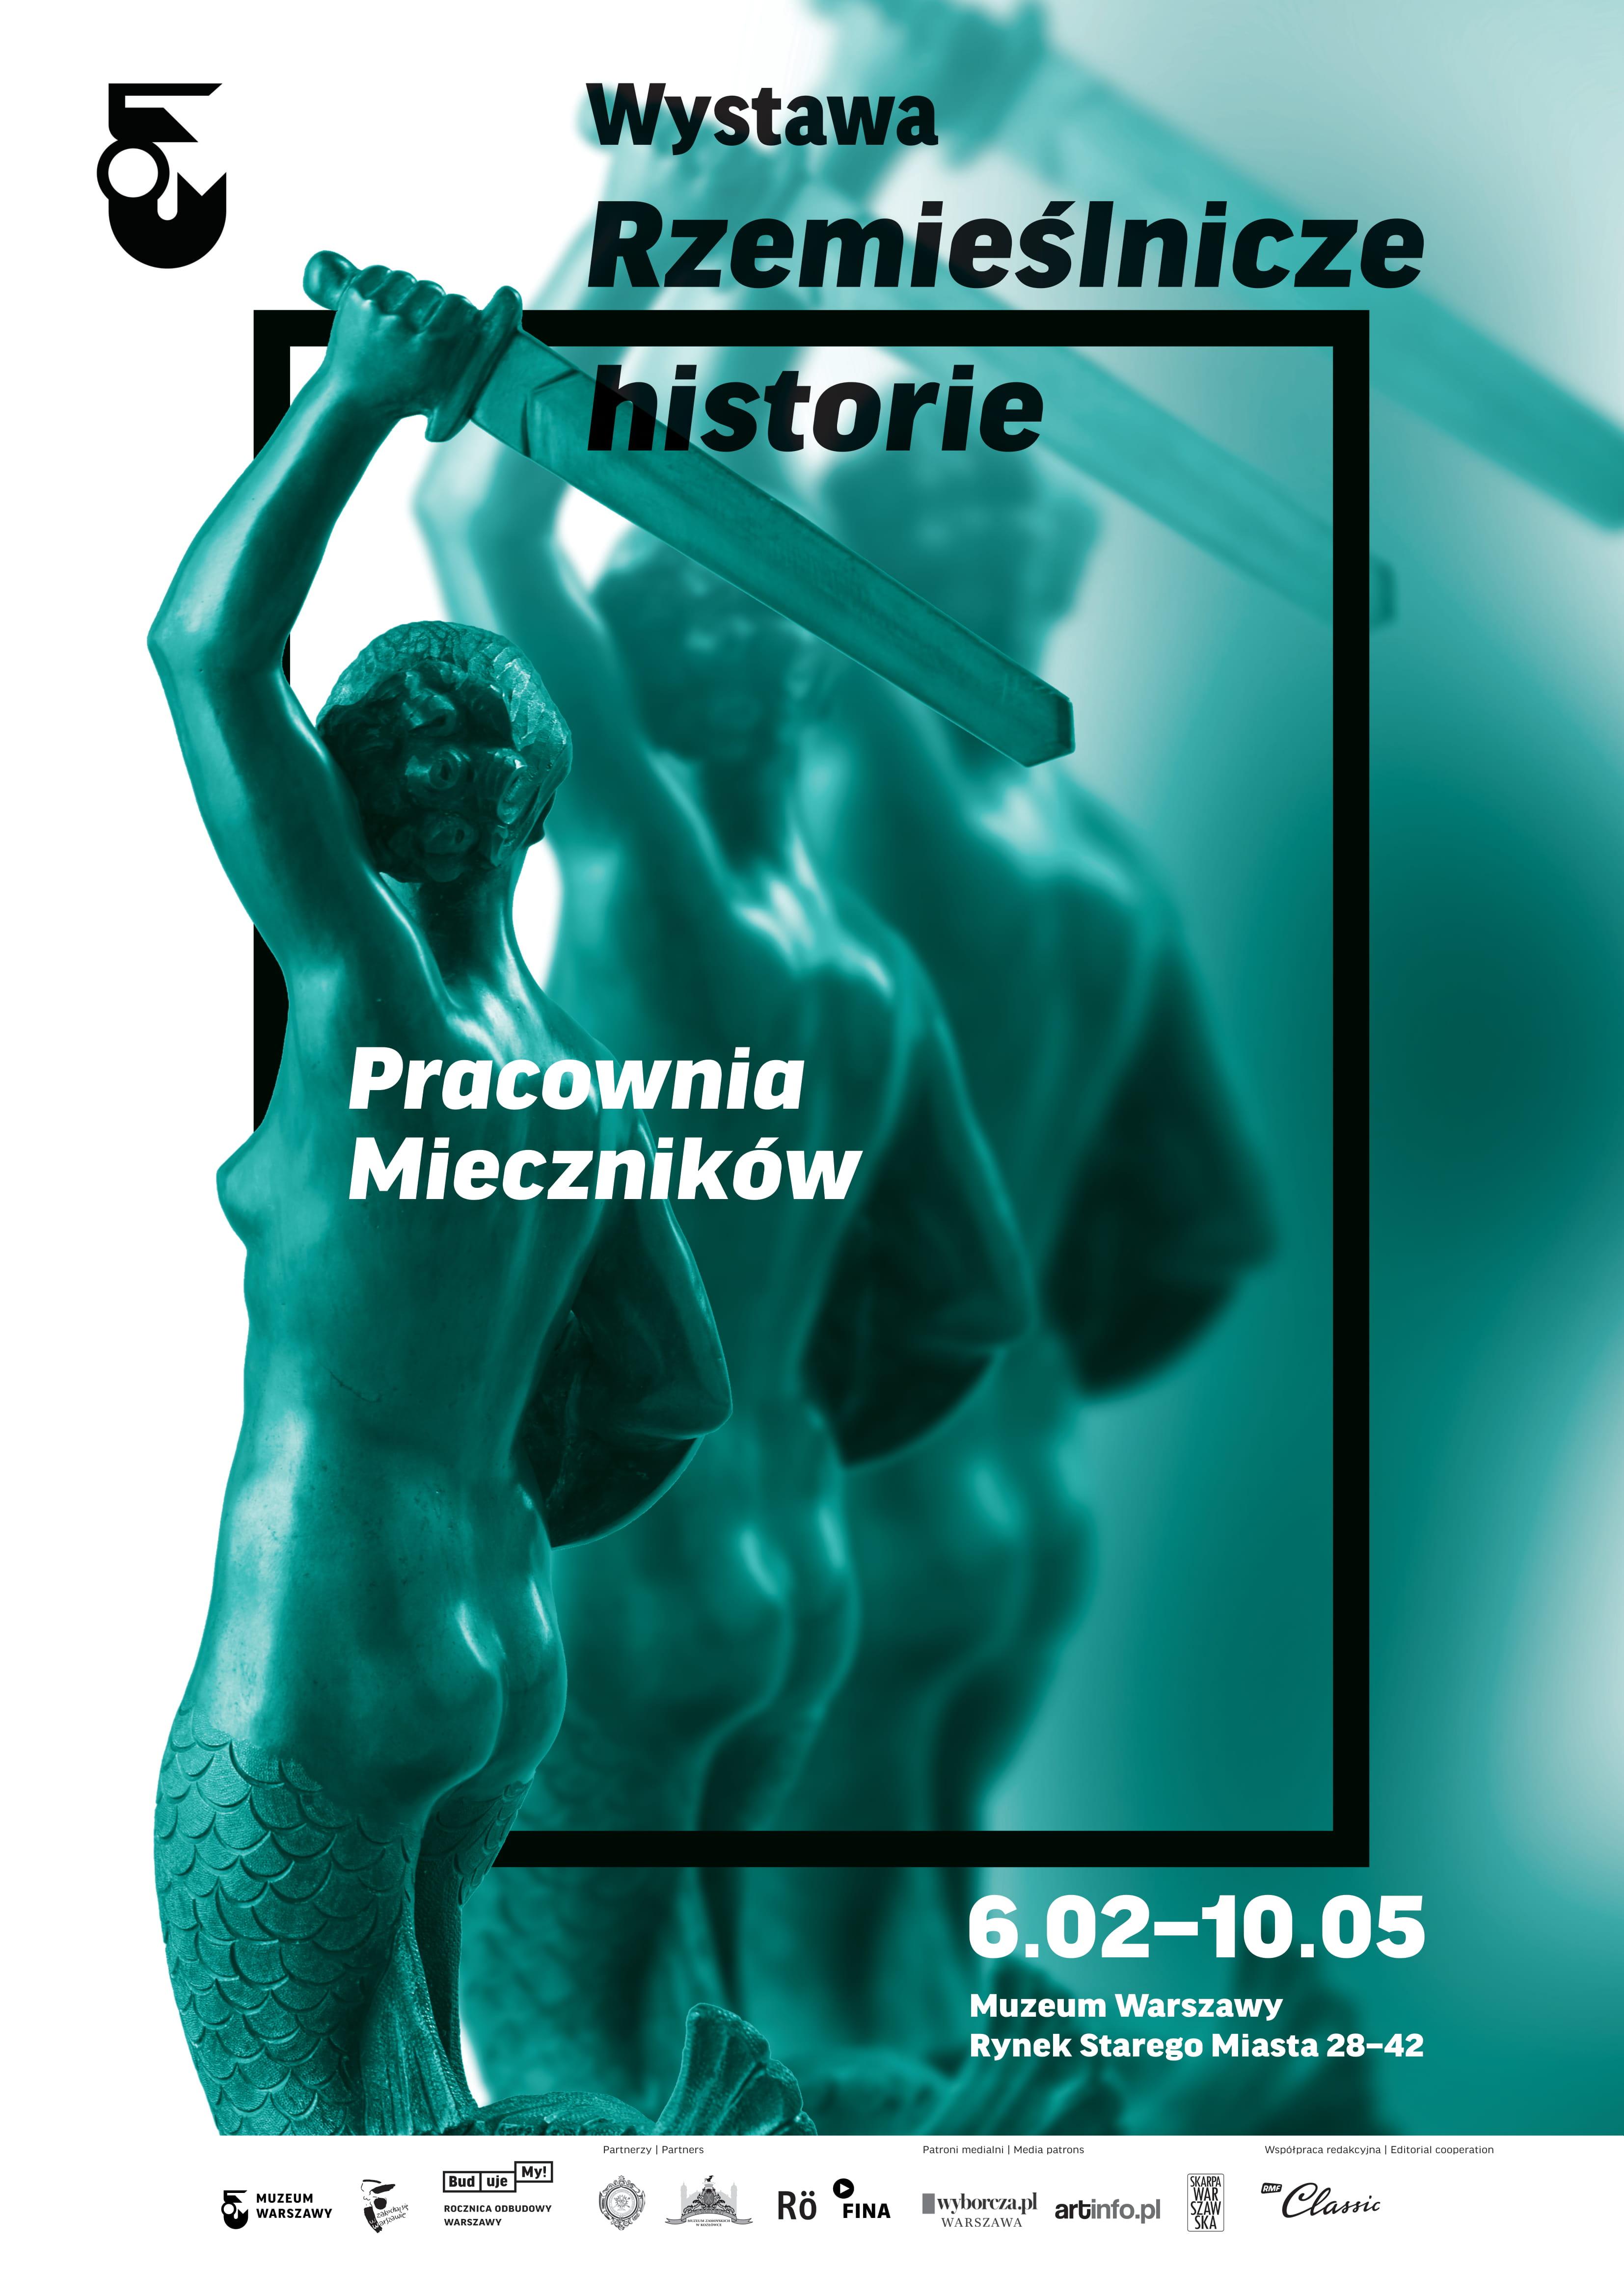 Rzemieślnicze_historie_pracownia_mieczników_plakat 2-1